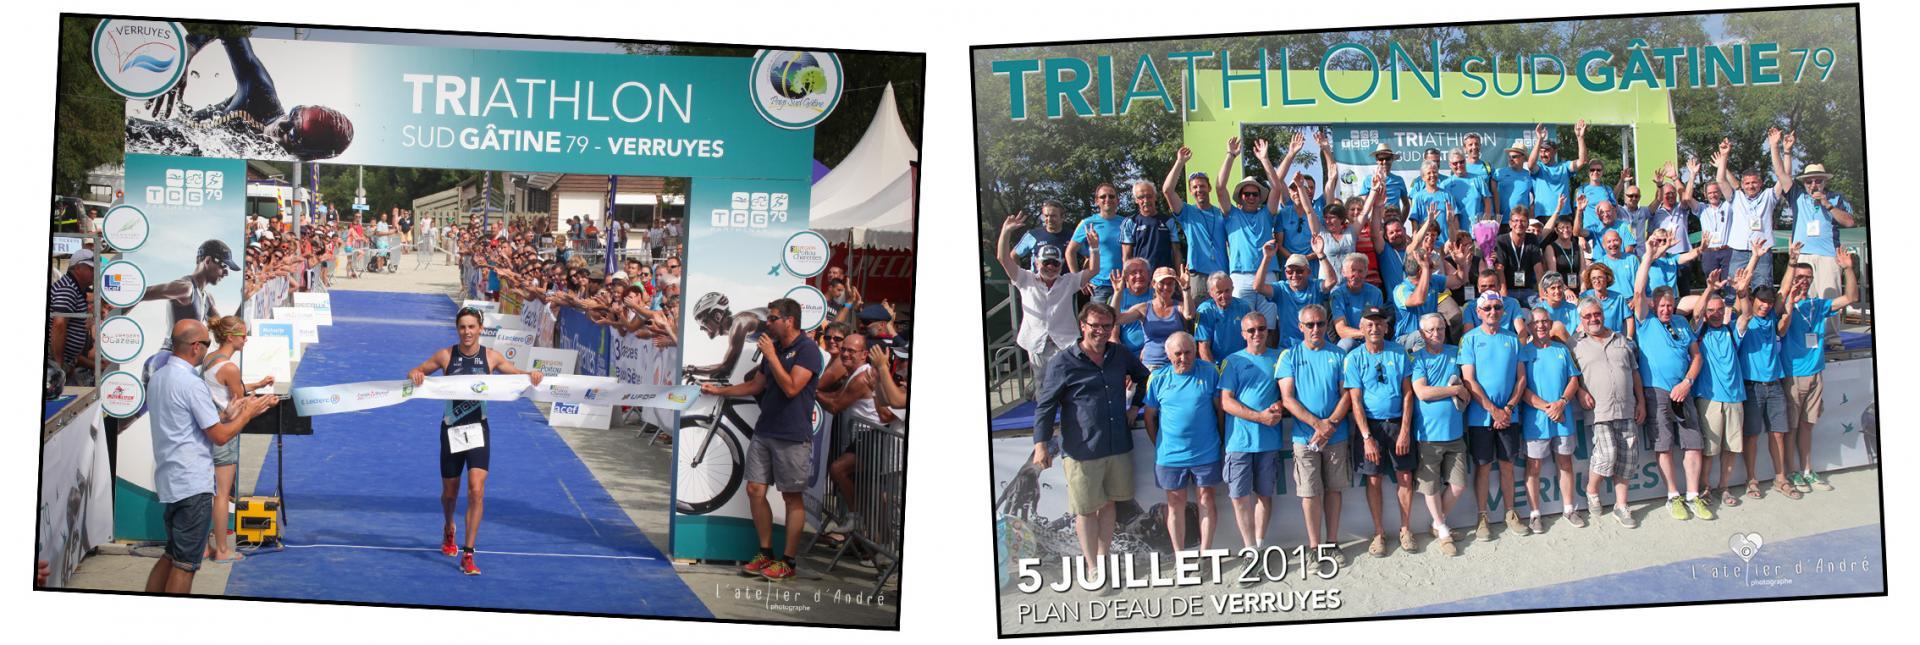 Triathlon organisé par le TCG 79